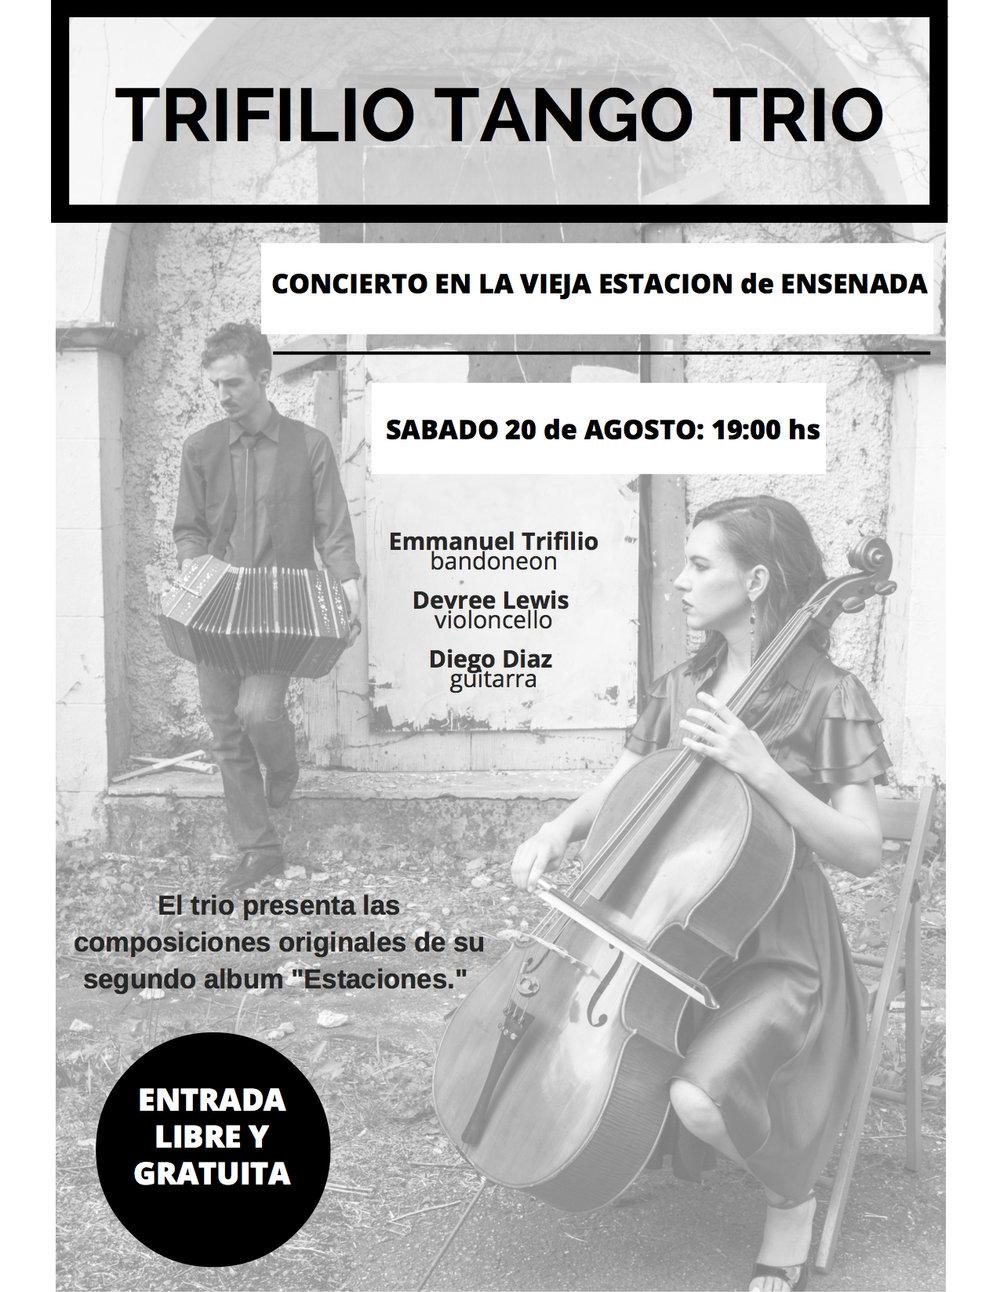 Trifilio Tango Trioposter.jpg